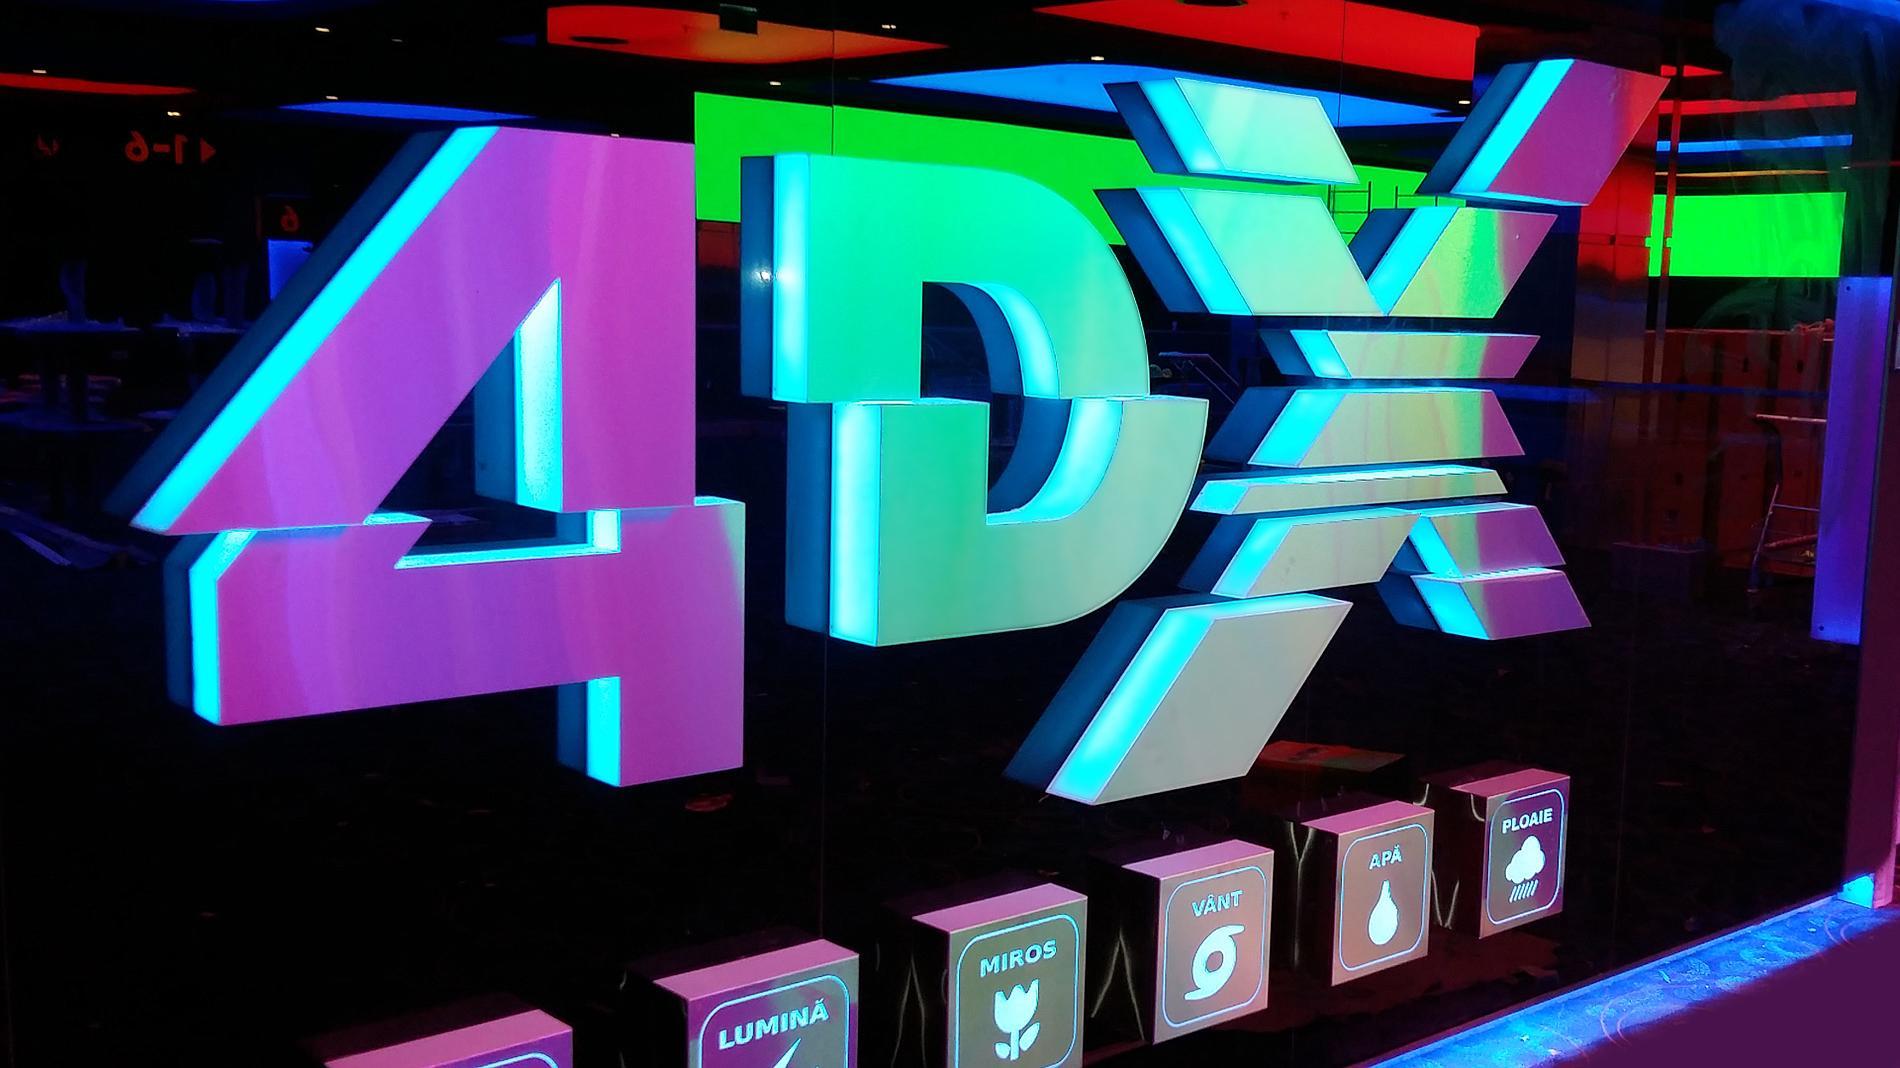 4DX signage